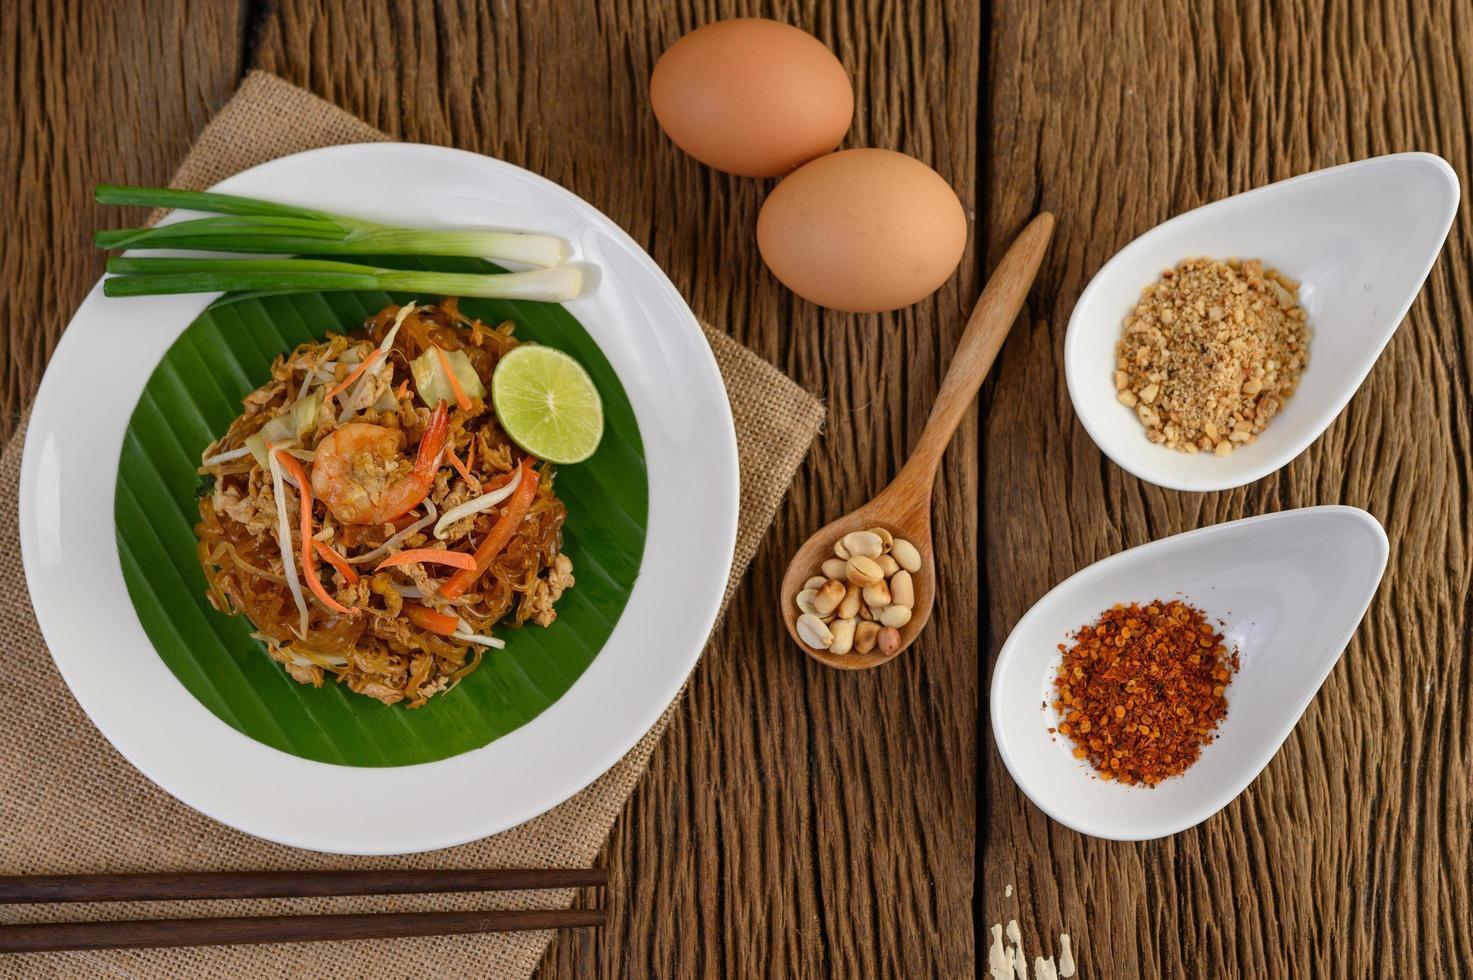 Assiette de crevettes pad thai au citron vert et oeufs photo